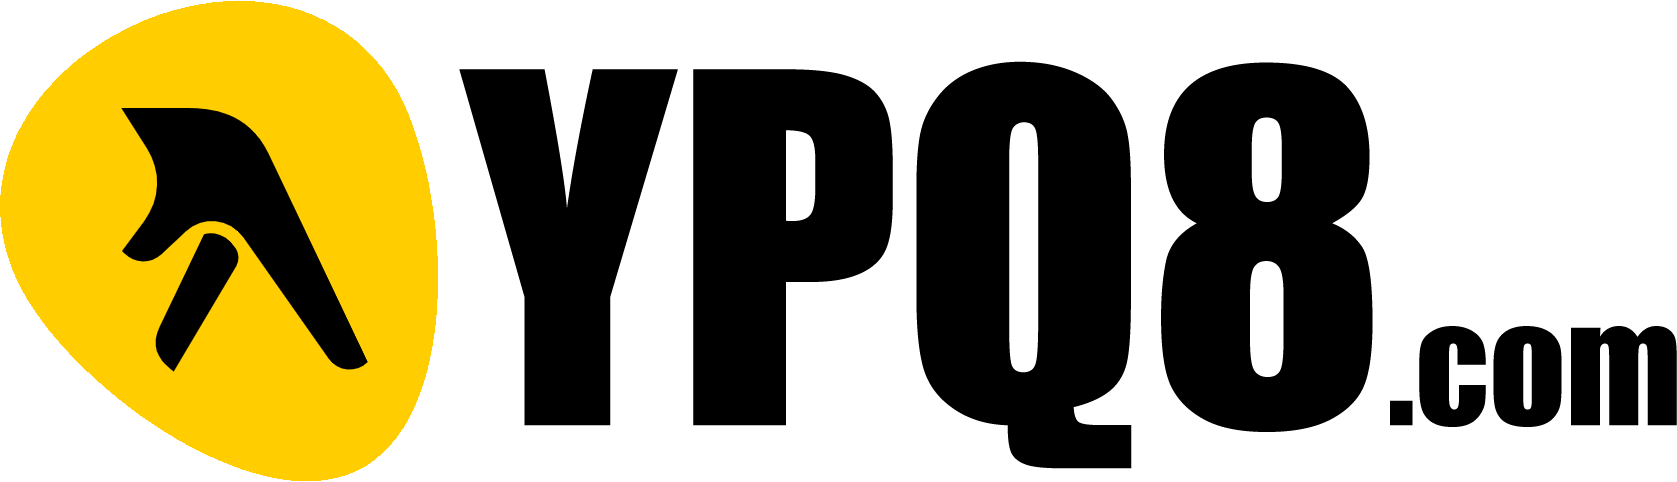 YPQ8.com